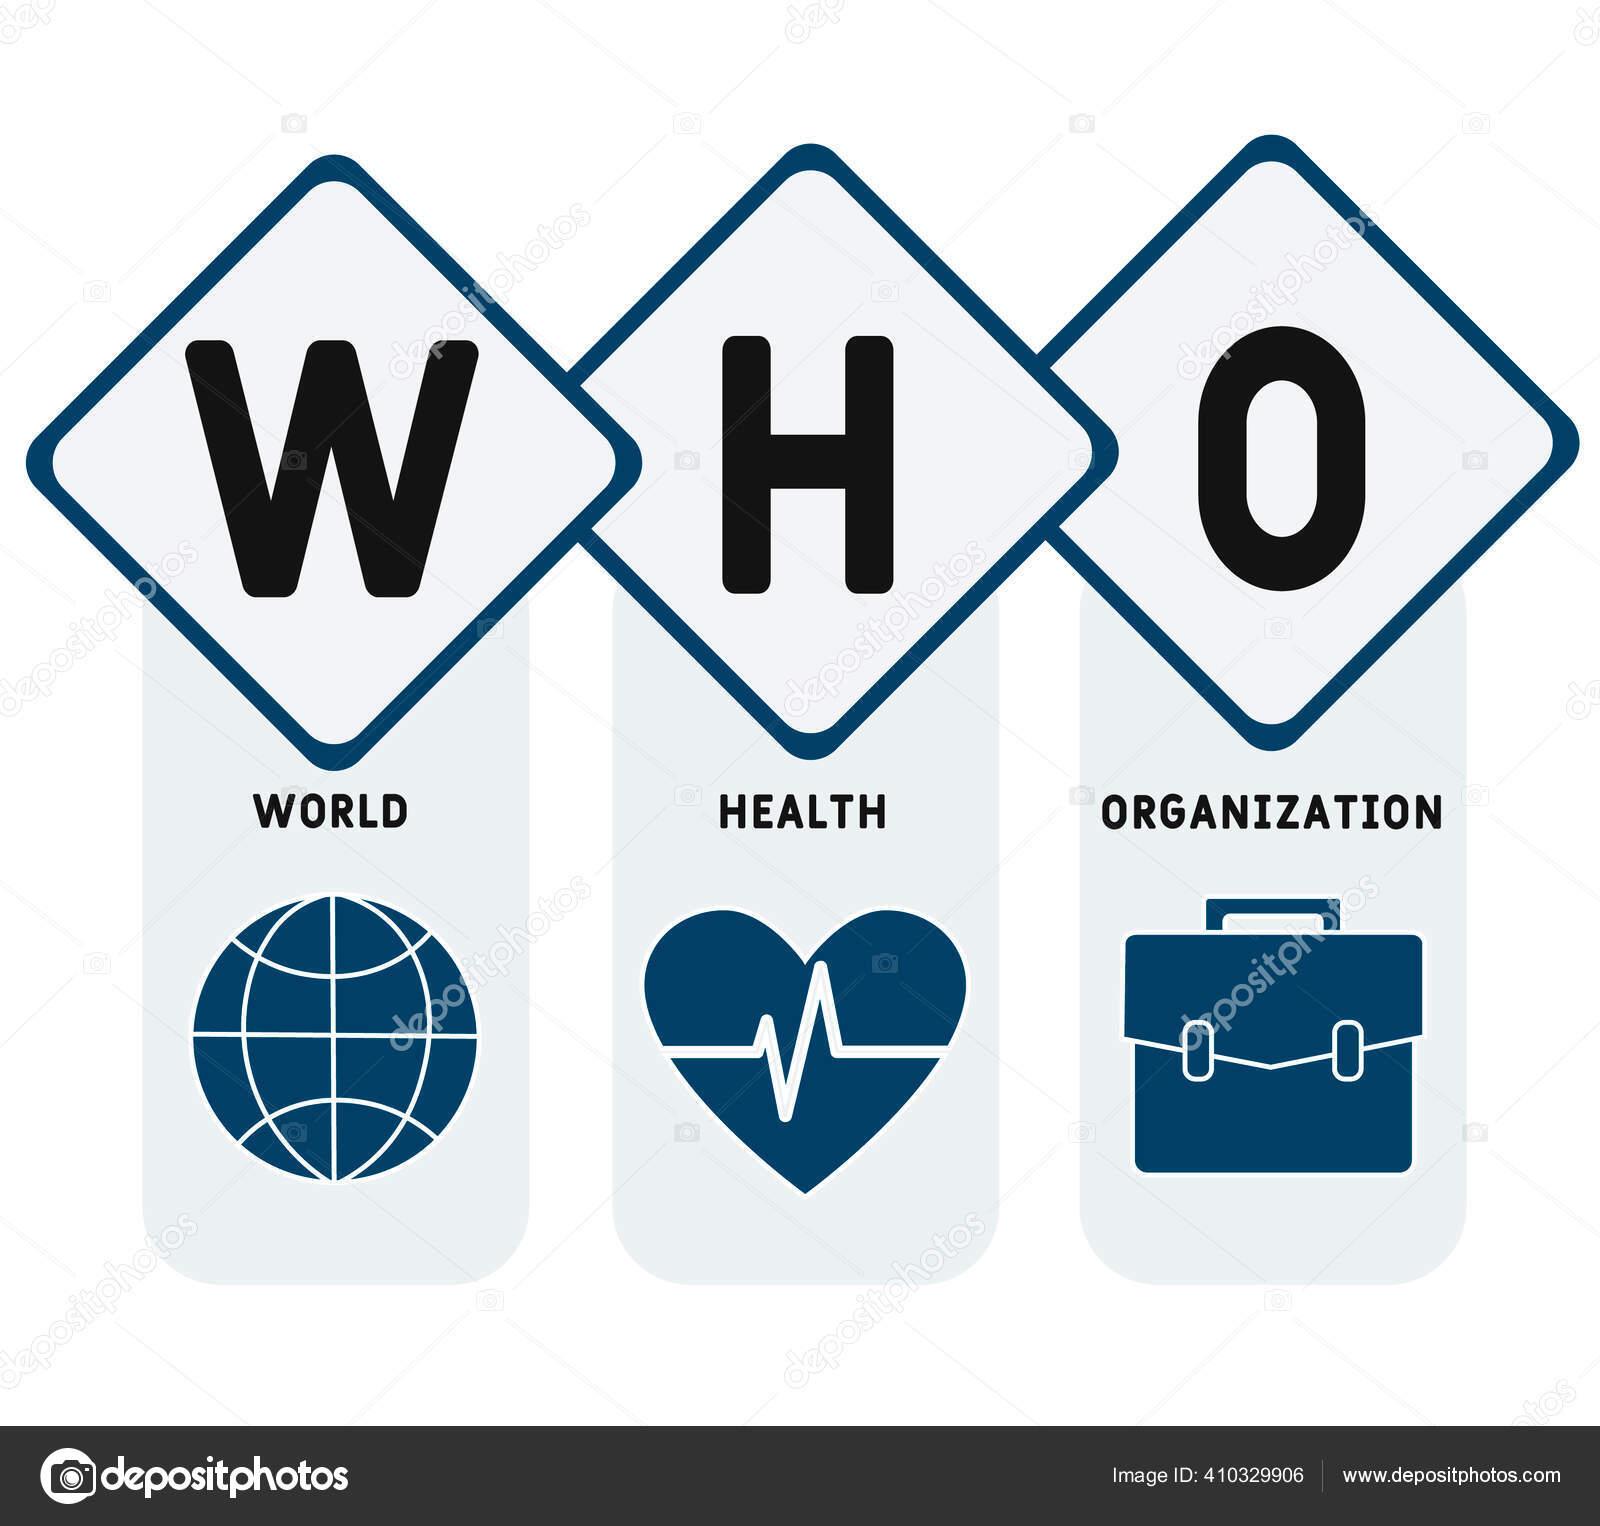 Oms Organização Mundial Saúde Sigla Fundo Conceito Médico Conceito  Ilustração — Vetores de Stock © lnc@list.ru #410329906